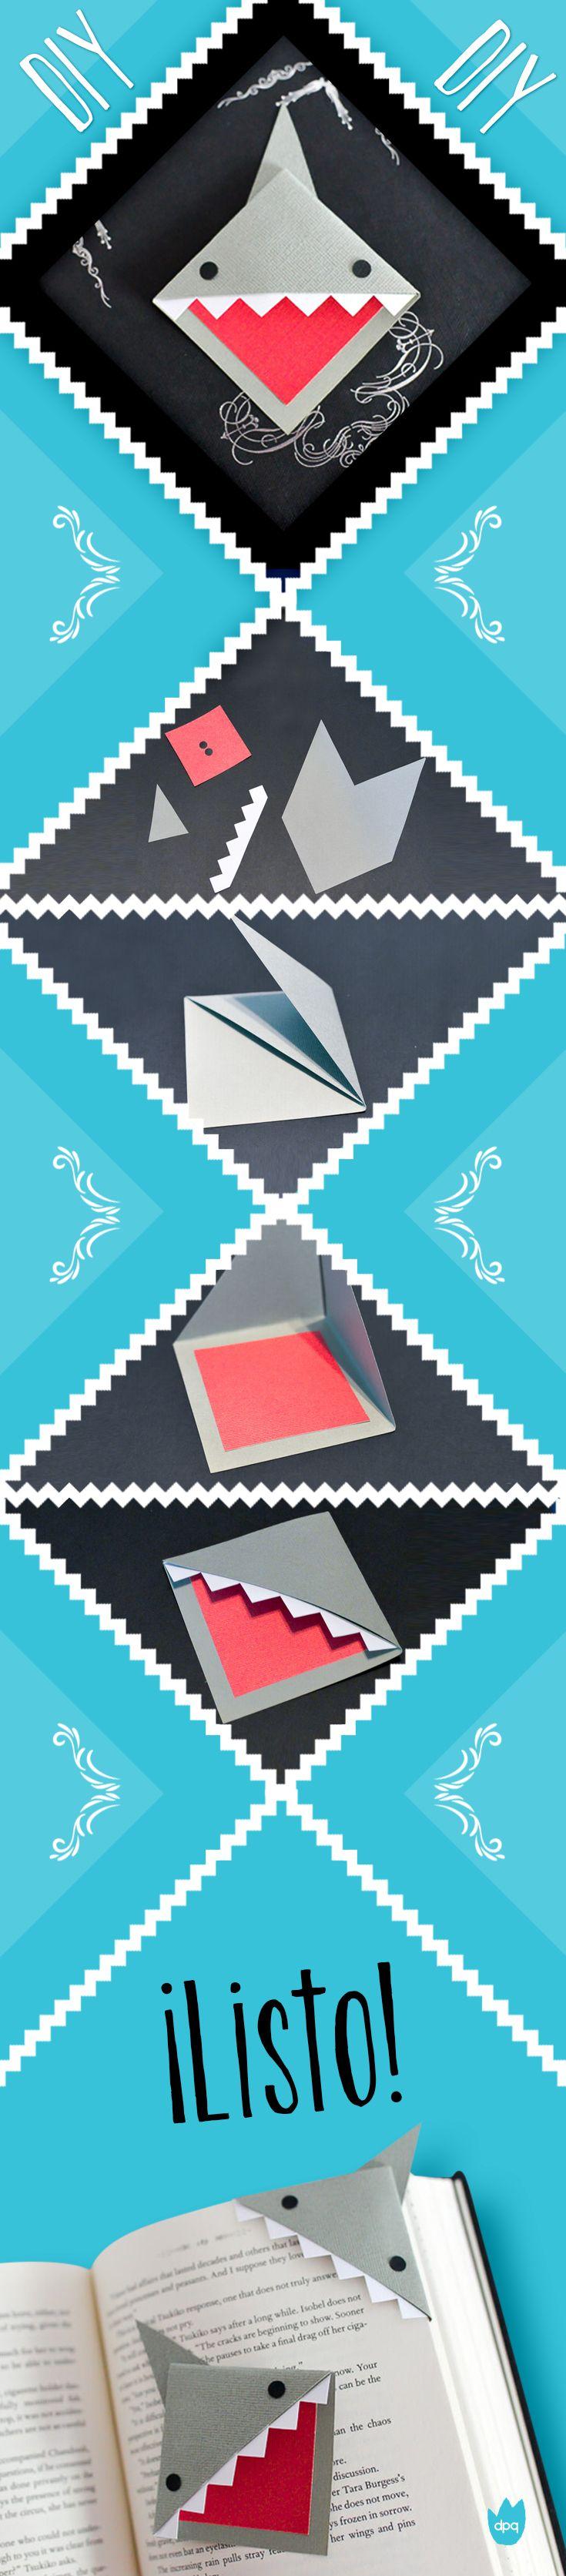 ¡Marca las páginas de tus libros con estilo!   Es super sencillo, solo debes seguir las instrucciones y listo.   ¡Etiquétanos cuando lo realices!   #DePequesVE  #DIY #Libros  #Manualidades